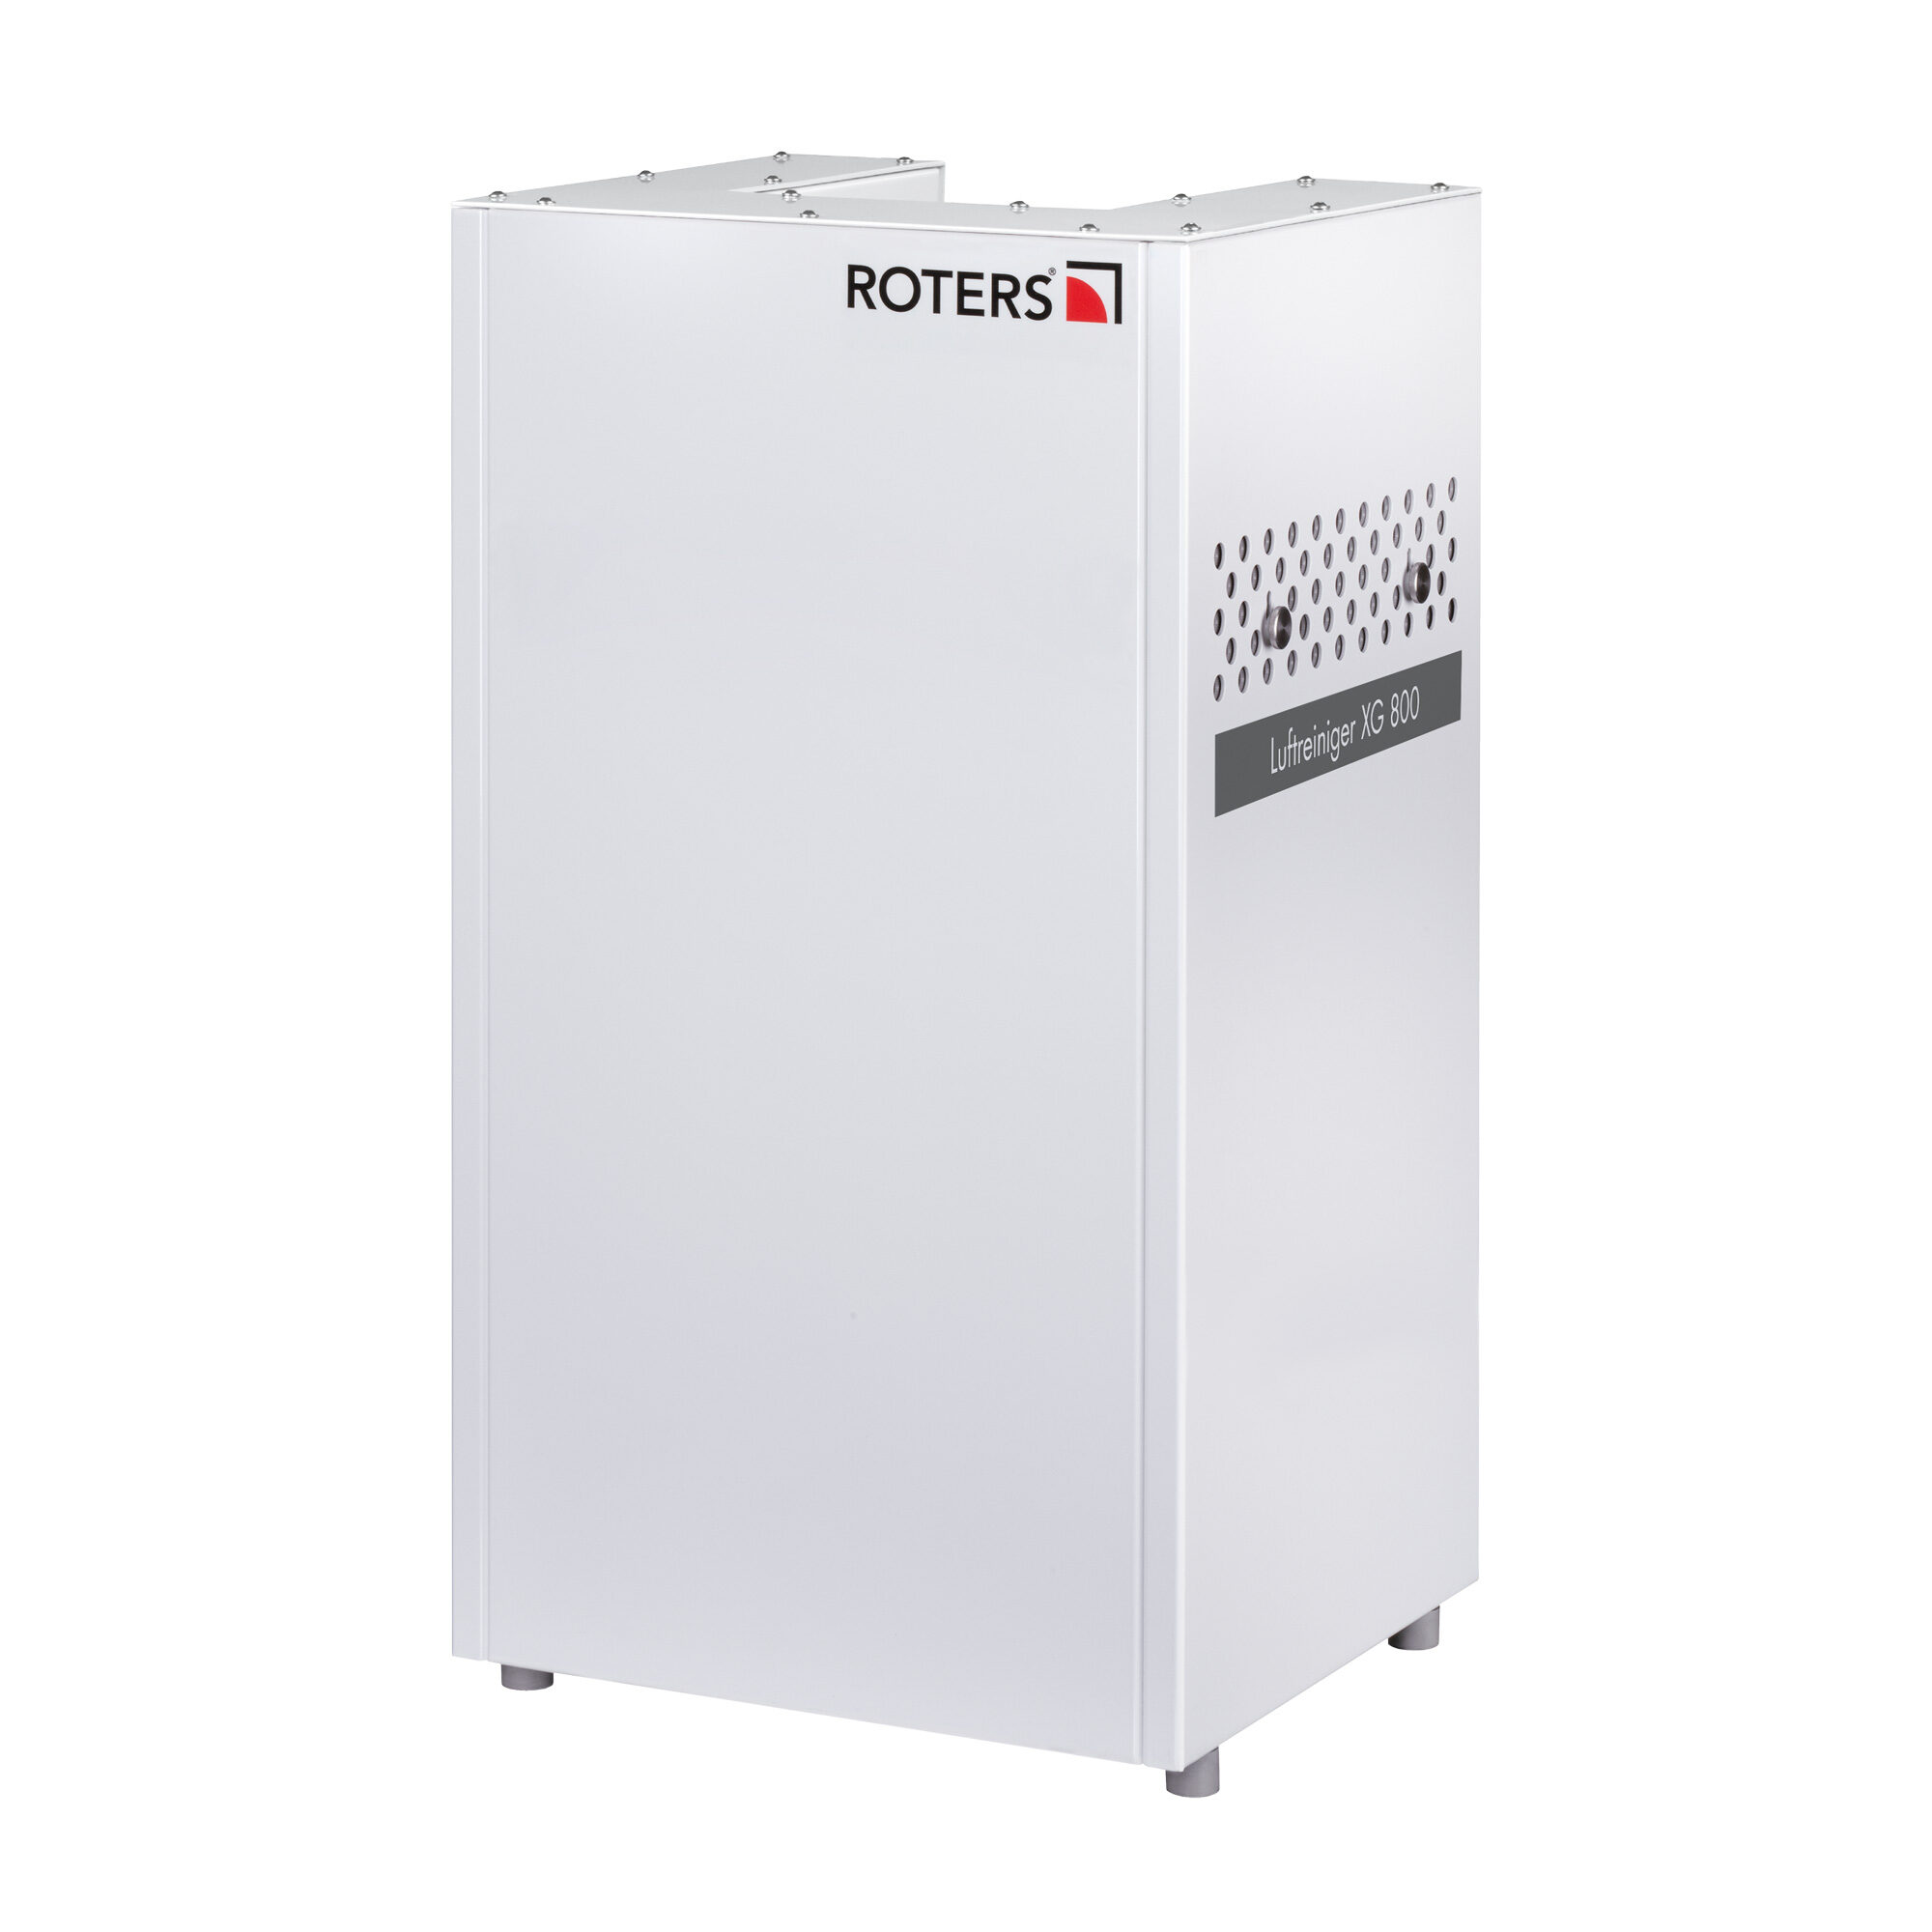 Roters - Luftreiniger XG 800 Profi H14 mit Longlife-Set - Luftreiniger mit Vorfilter und Hepafilter H14 - Bild 01